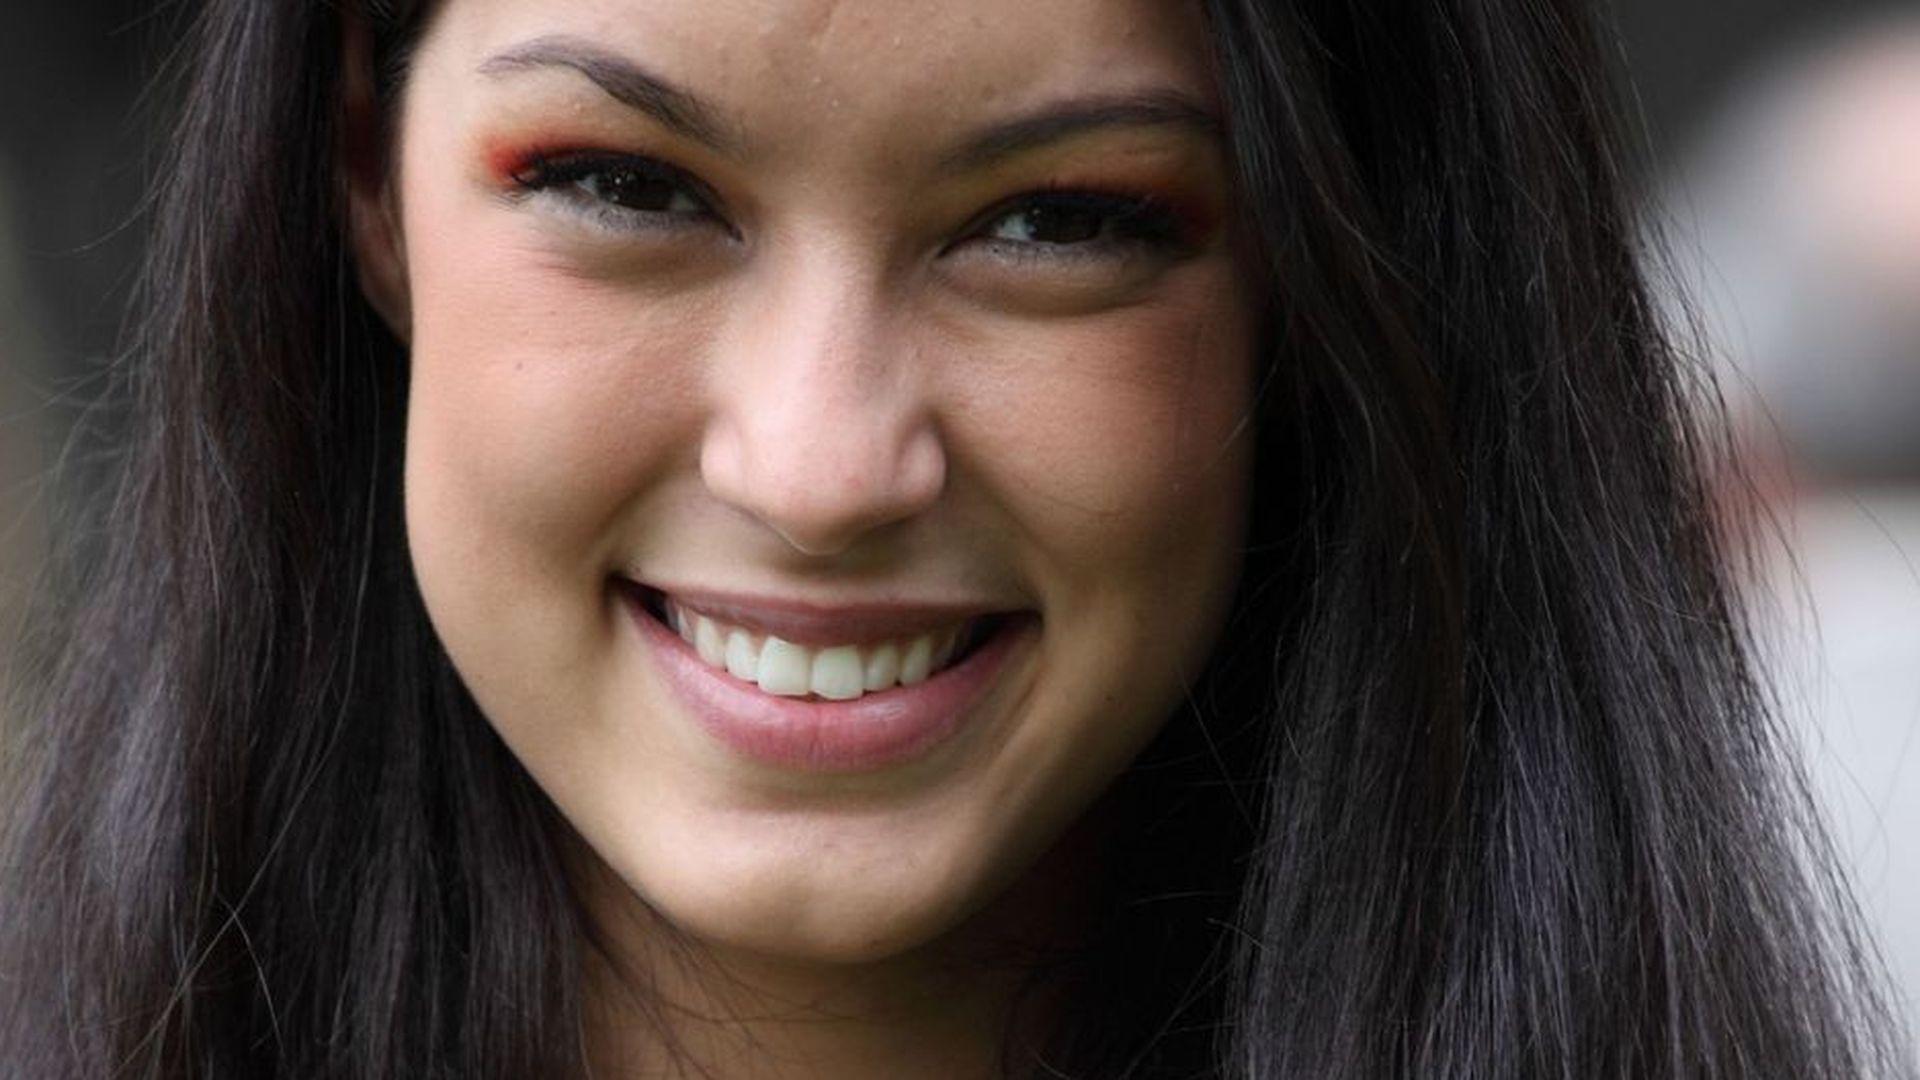 Rebecca Gntm